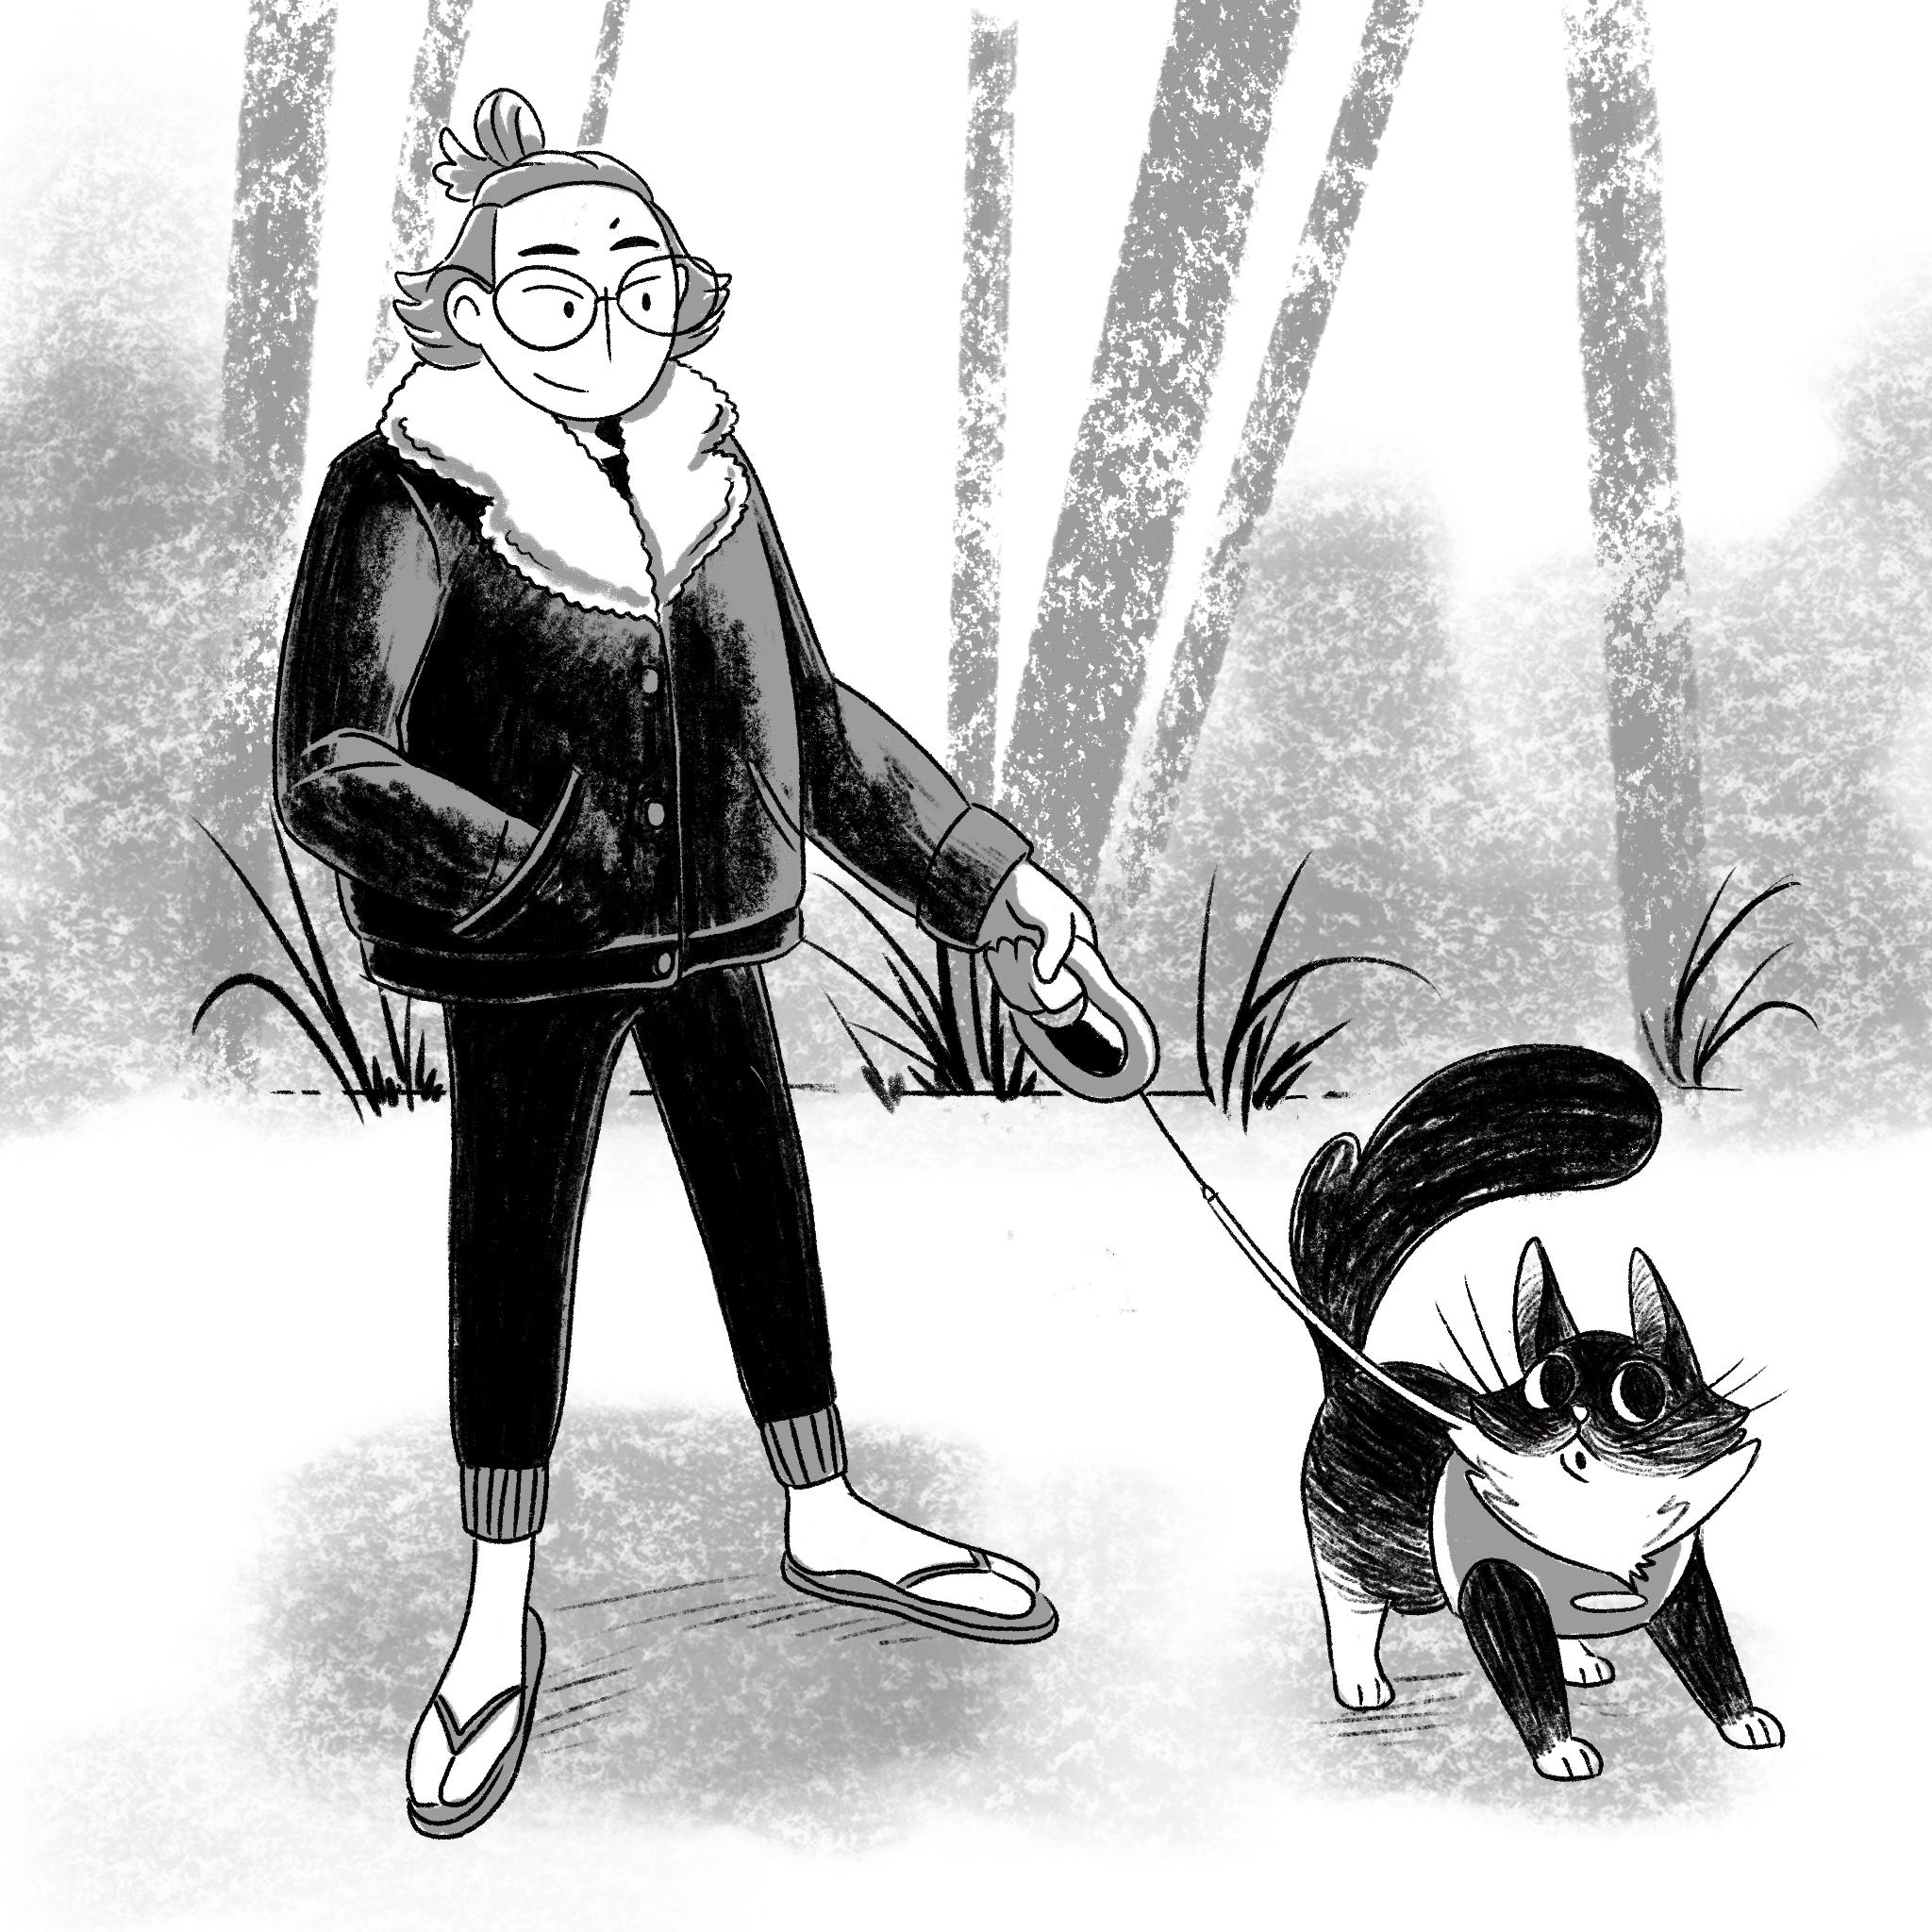 Kuvitus henkilöstä, joka ulkoiluttaa kissaa